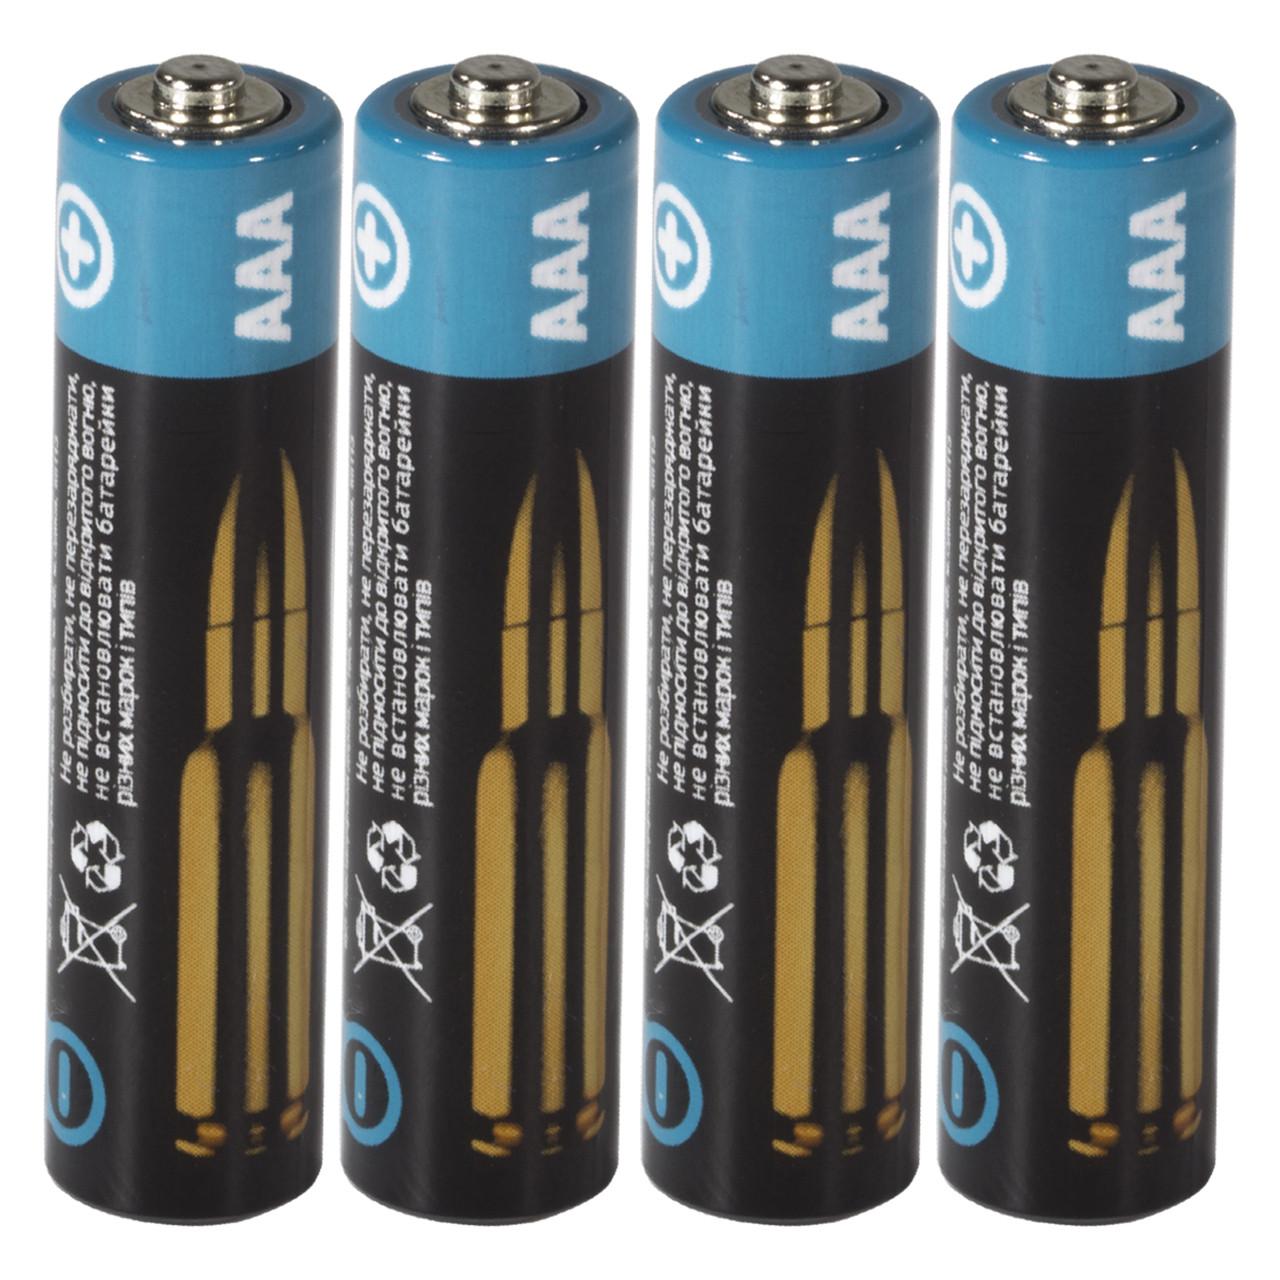 Батарейка Logic Power AAА R3P солевая 4 шт вакуумная упаковка для фотоаппарата пульта